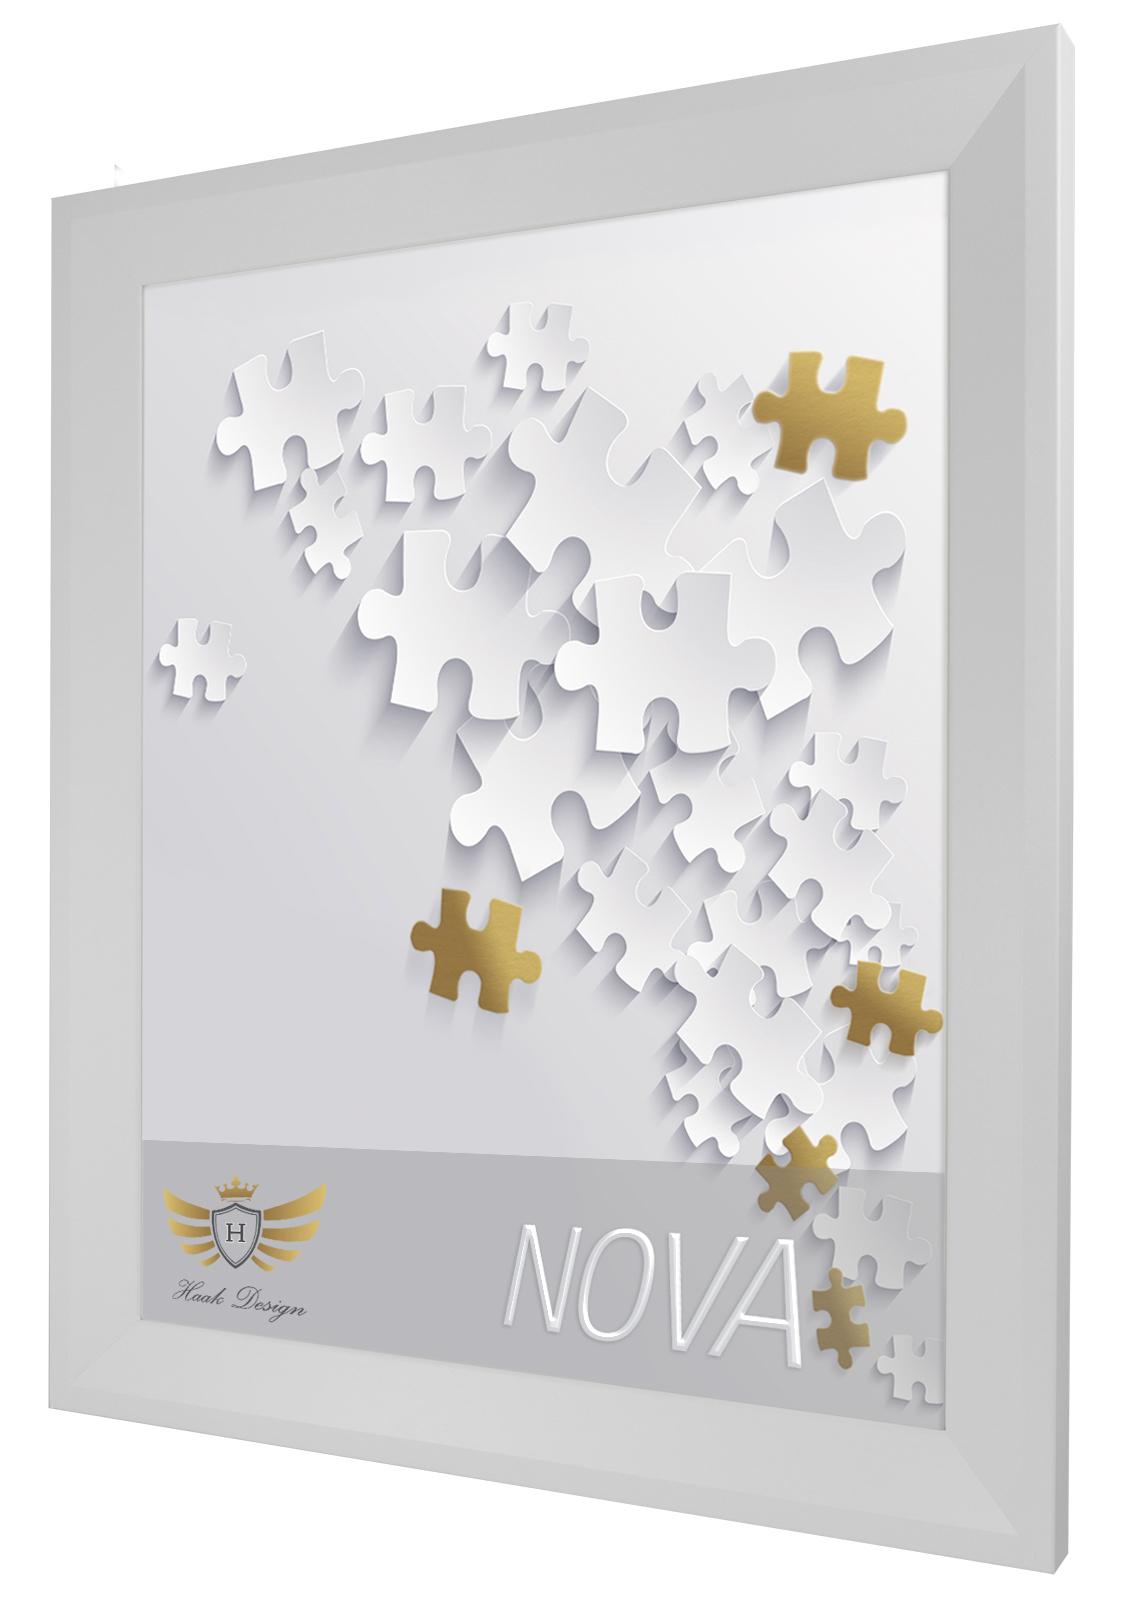 Puzzlerahmen NOVA 80x120 120x80 Bilderrahmen 10 Farben Rahmen Puzzel ...